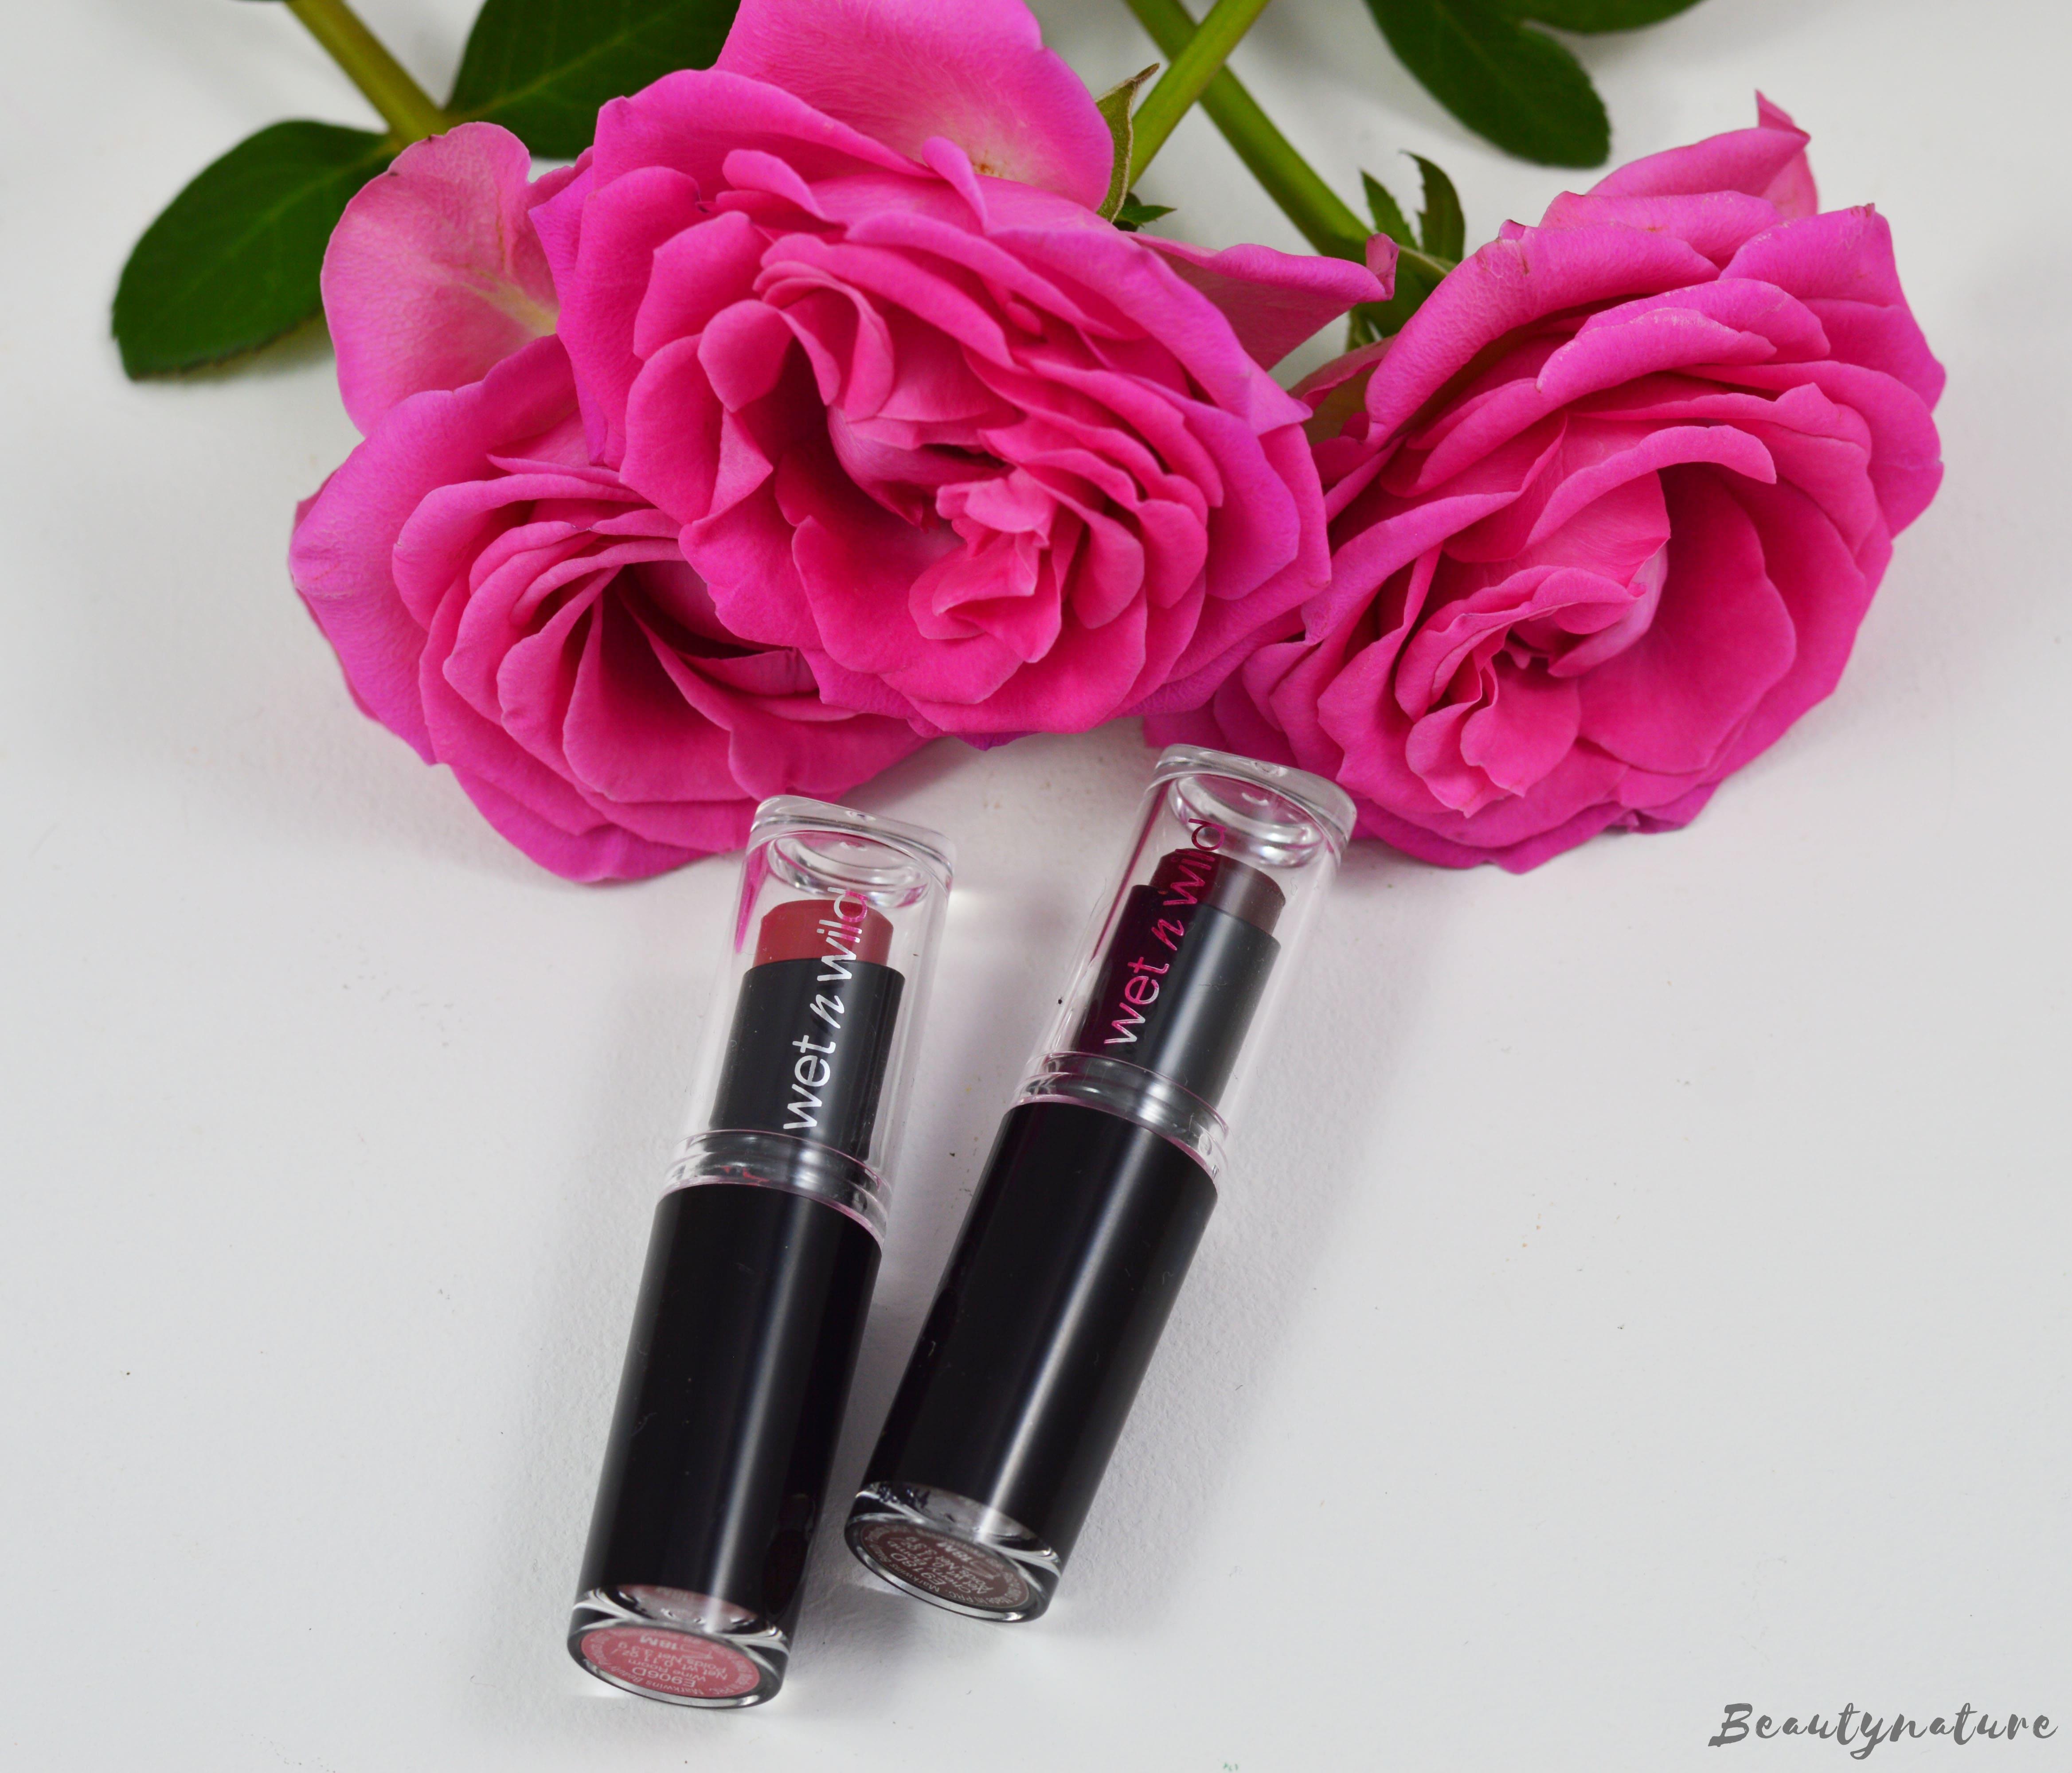 Wet'n'wild - Mega Last Lipsticks